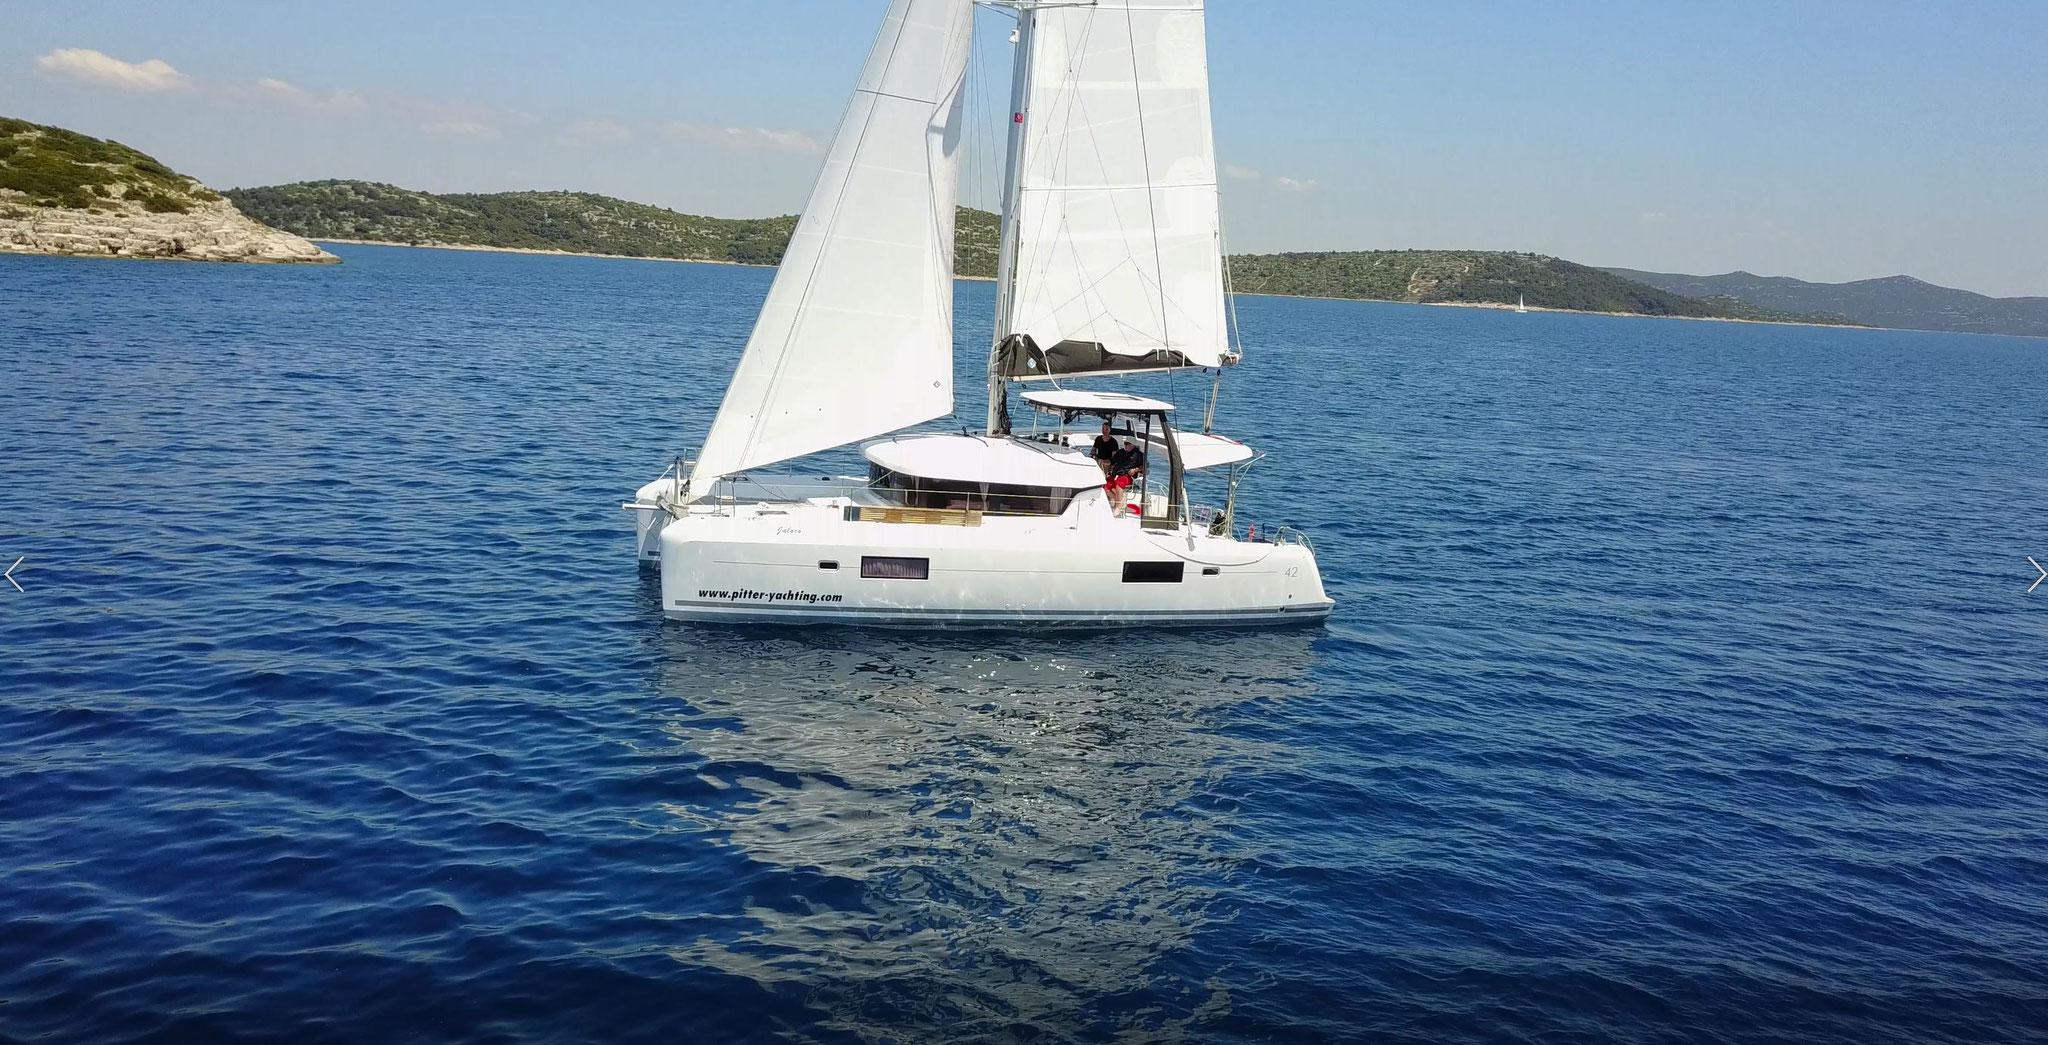 Katamaran segeln luxus  Katamaran Segeln Sie wie in einem Luxushotel - Katamarantraum